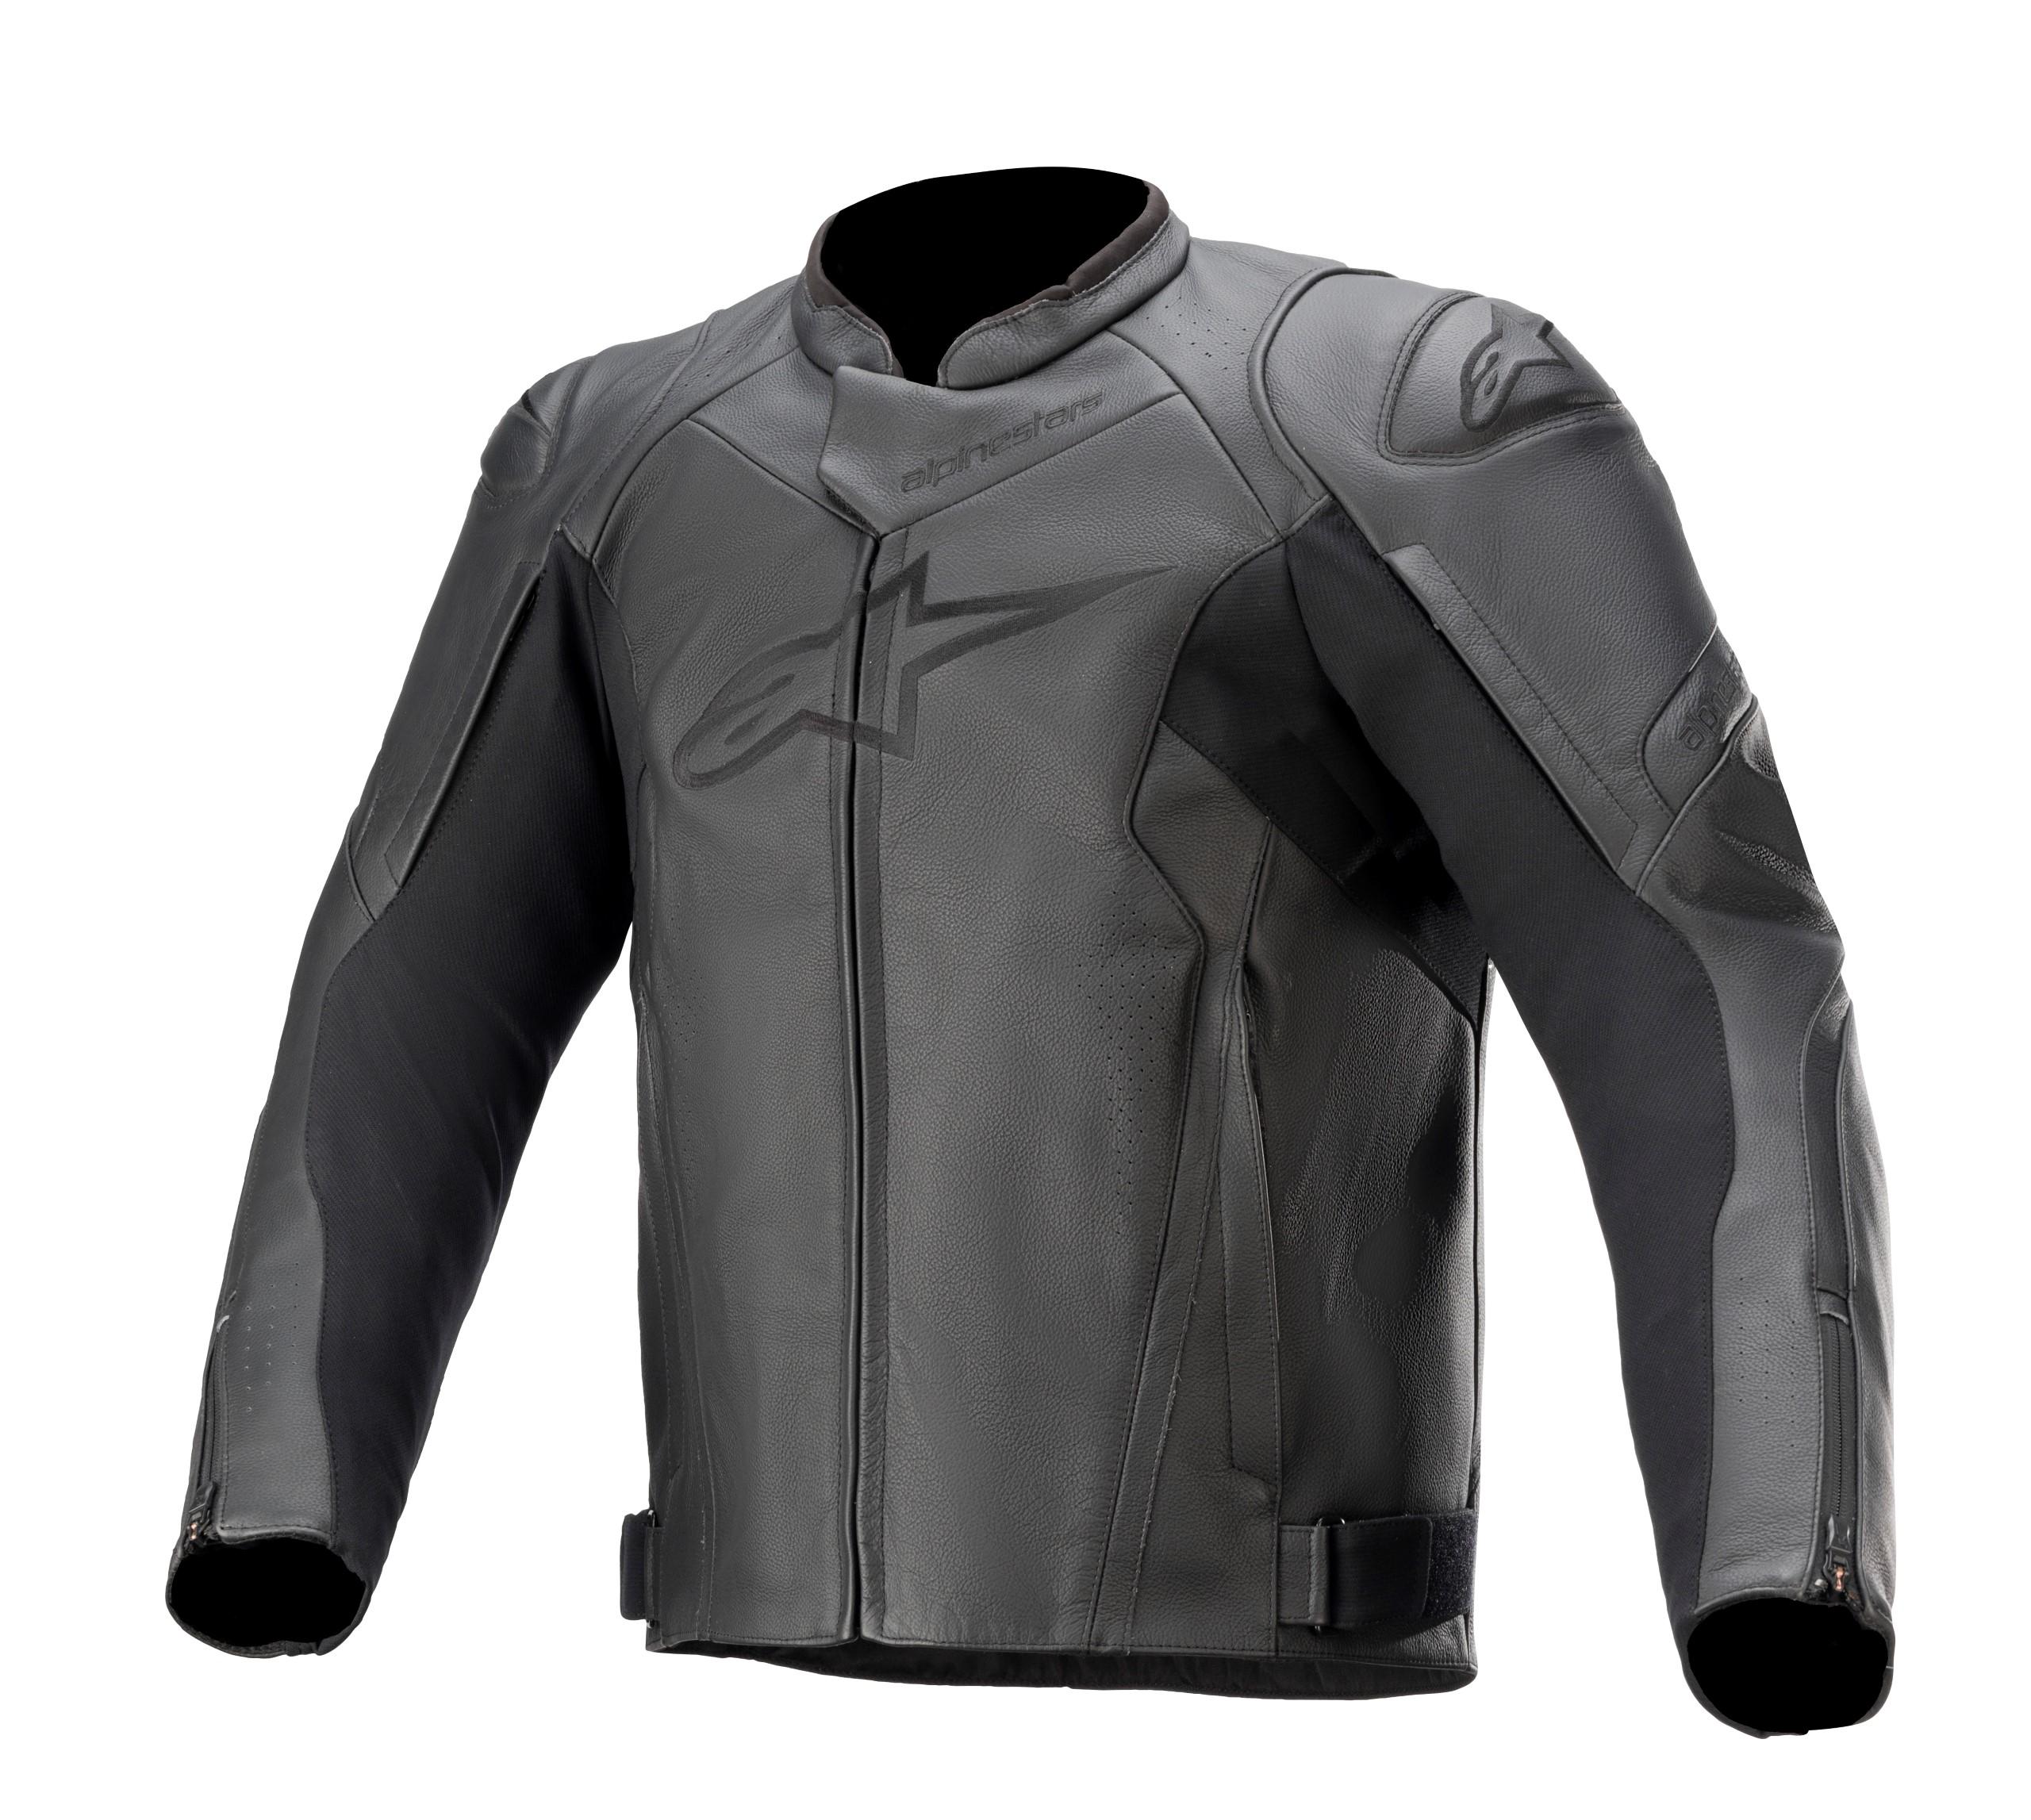 3103521-1100-fr_faster-v2-leather-jacket